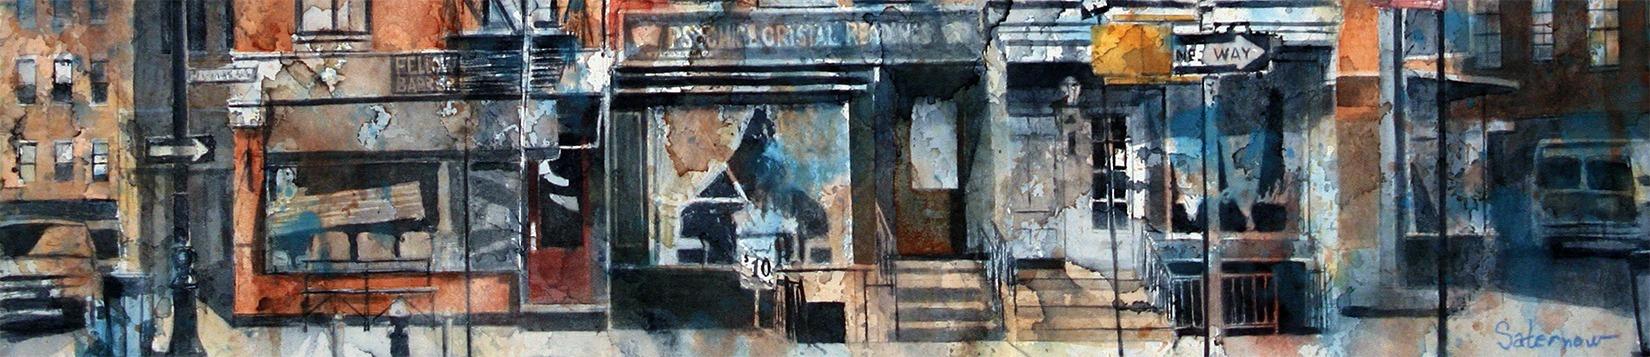 Tim Saternow Paintings